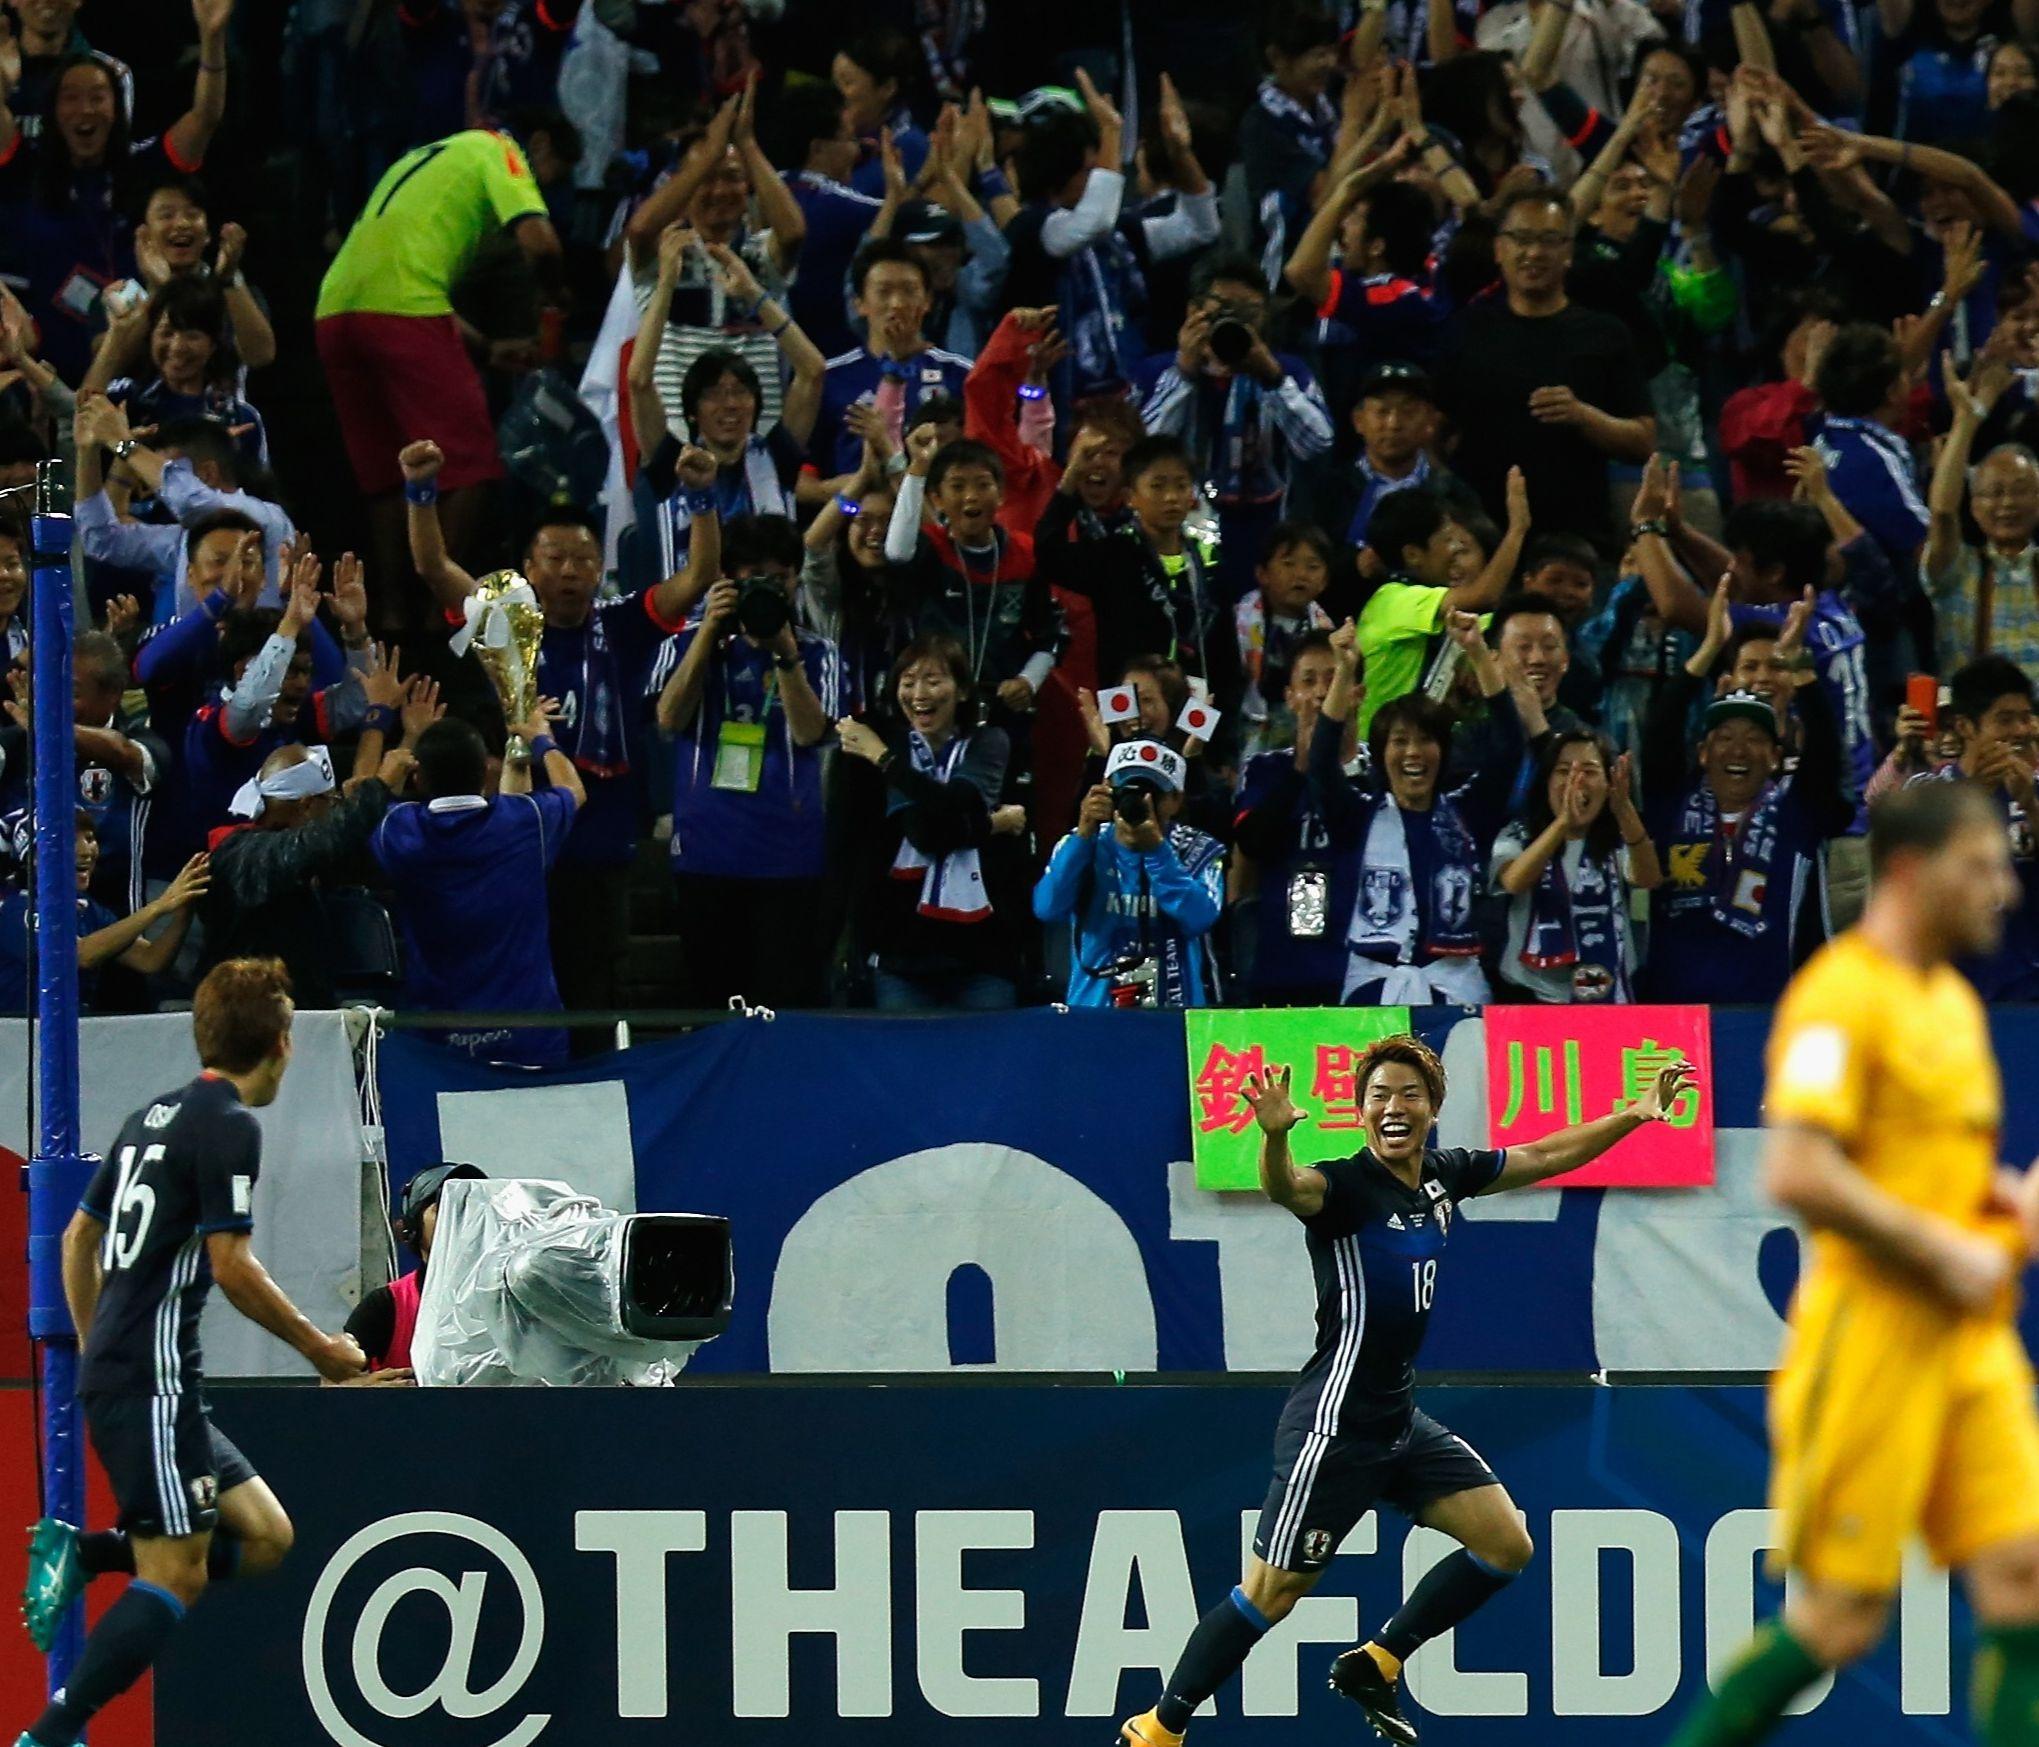 JFAは22日、2017年8月31日に行われたW杯アジア最終予選の日本対オーストラリア戦で、暴力行為を働いたファン2名に対する処分を発表した【写真:Getty Images】